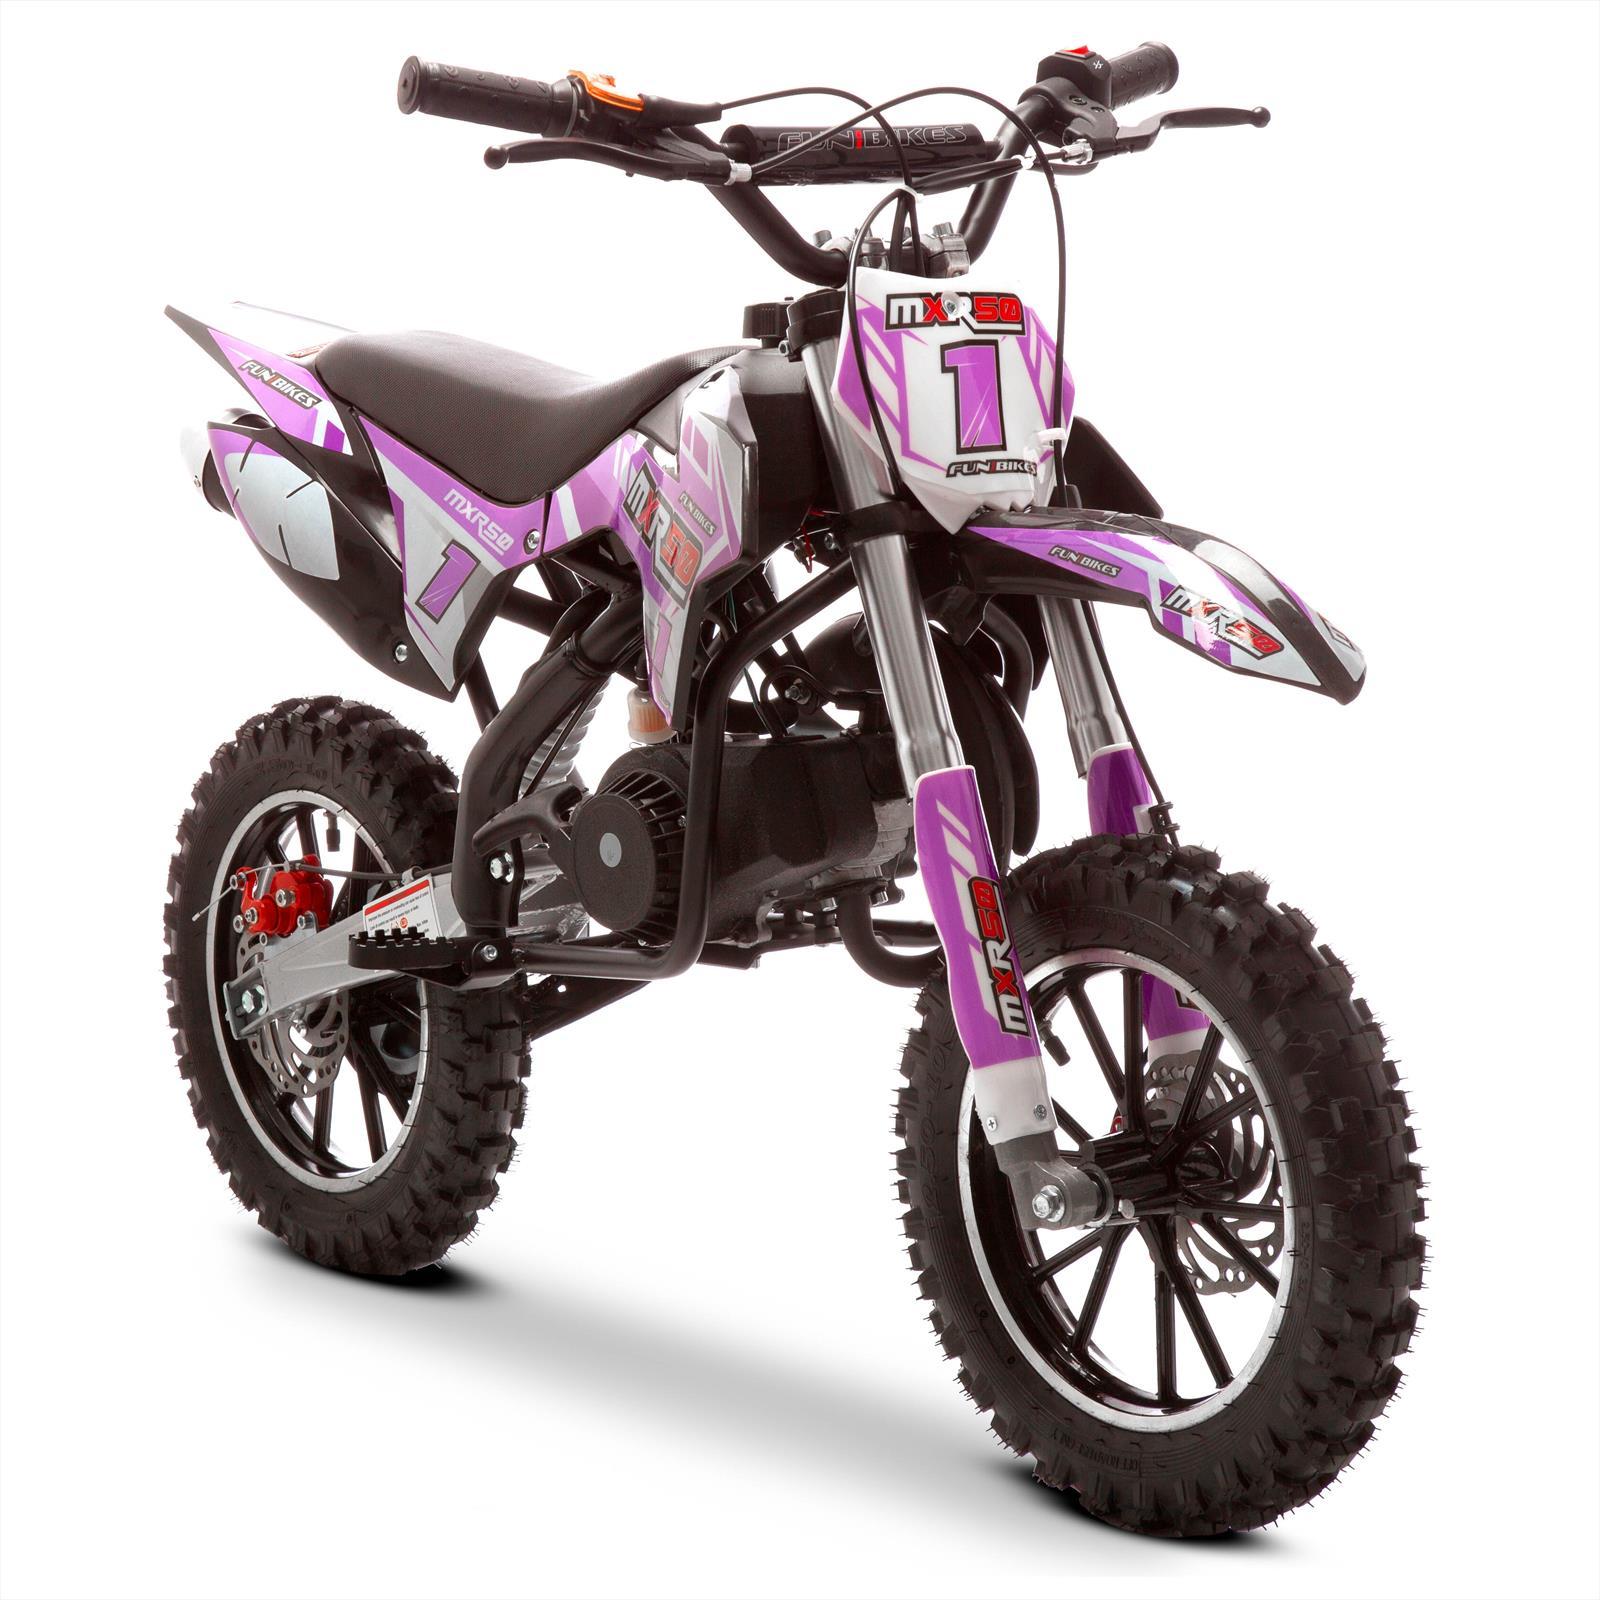 Funbikes Mxr 50cc Motorbike 61cm Pink Black Kids Dirt Bike